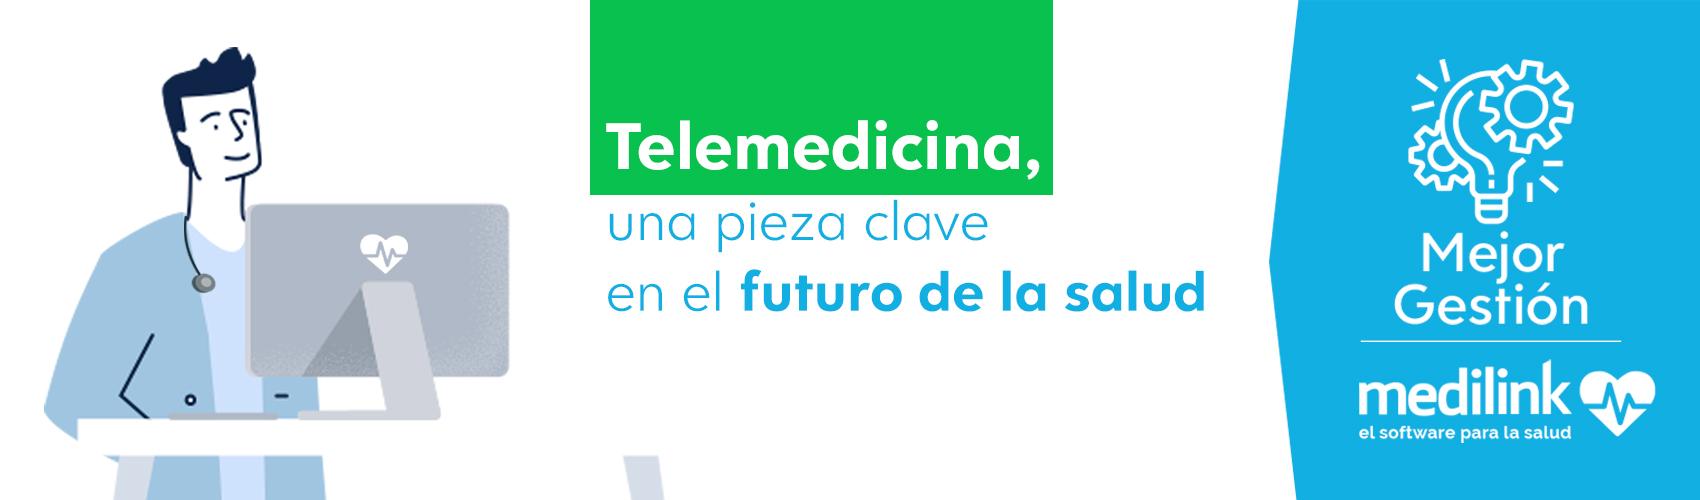 Telemedicina, una pieza clave en el futuro de la salud